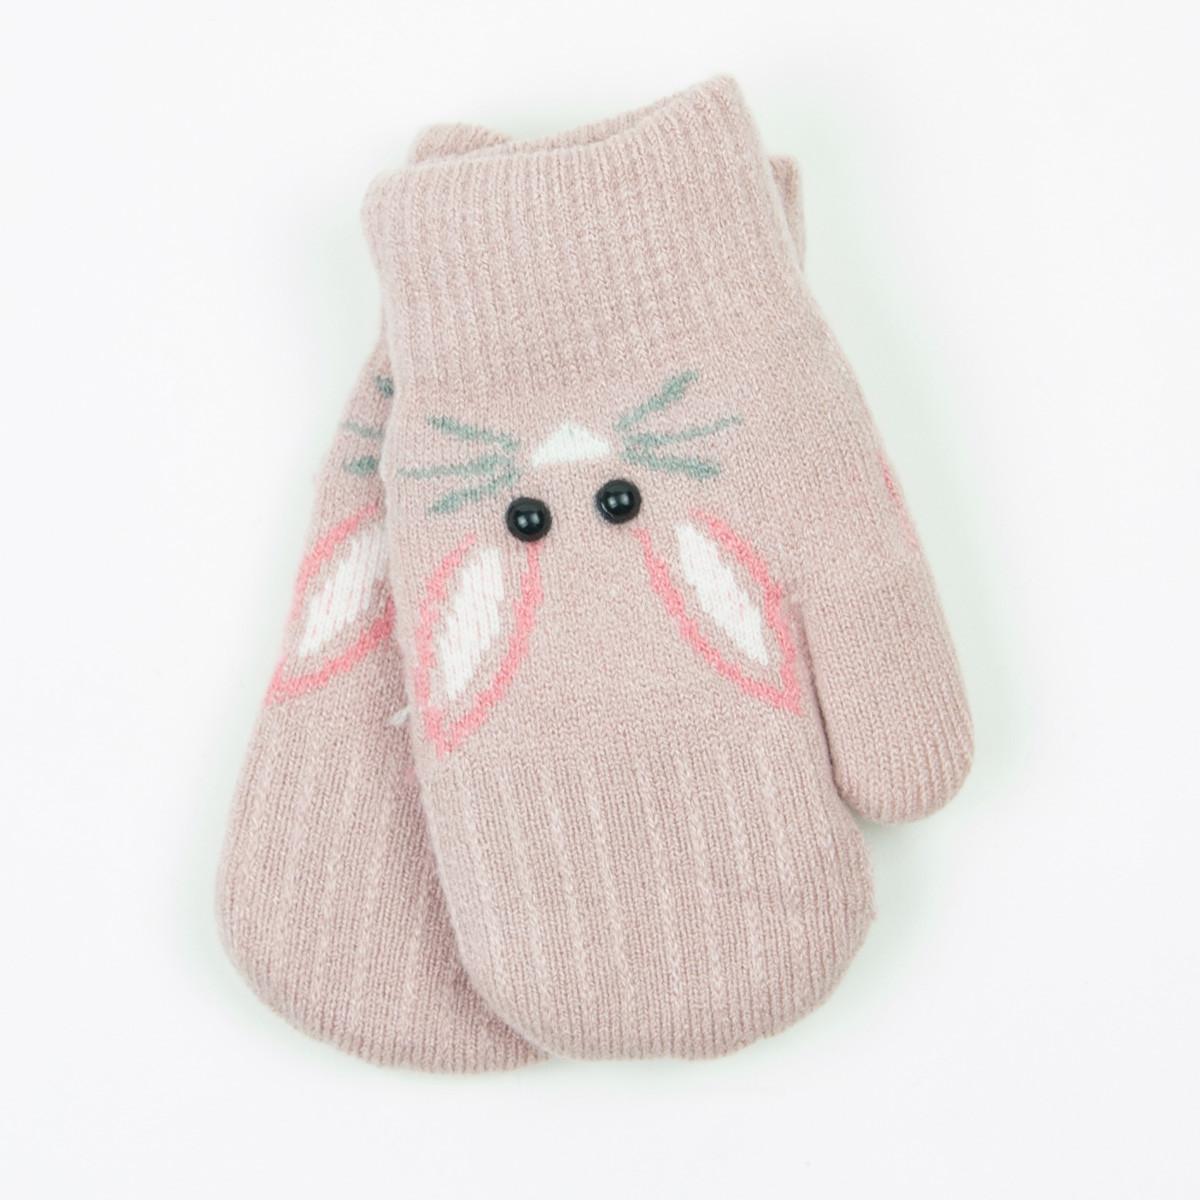 Дитячі рукавиці з хутряною підкладкою на 4-6 років - 19-7-66 - Темно-рожевий